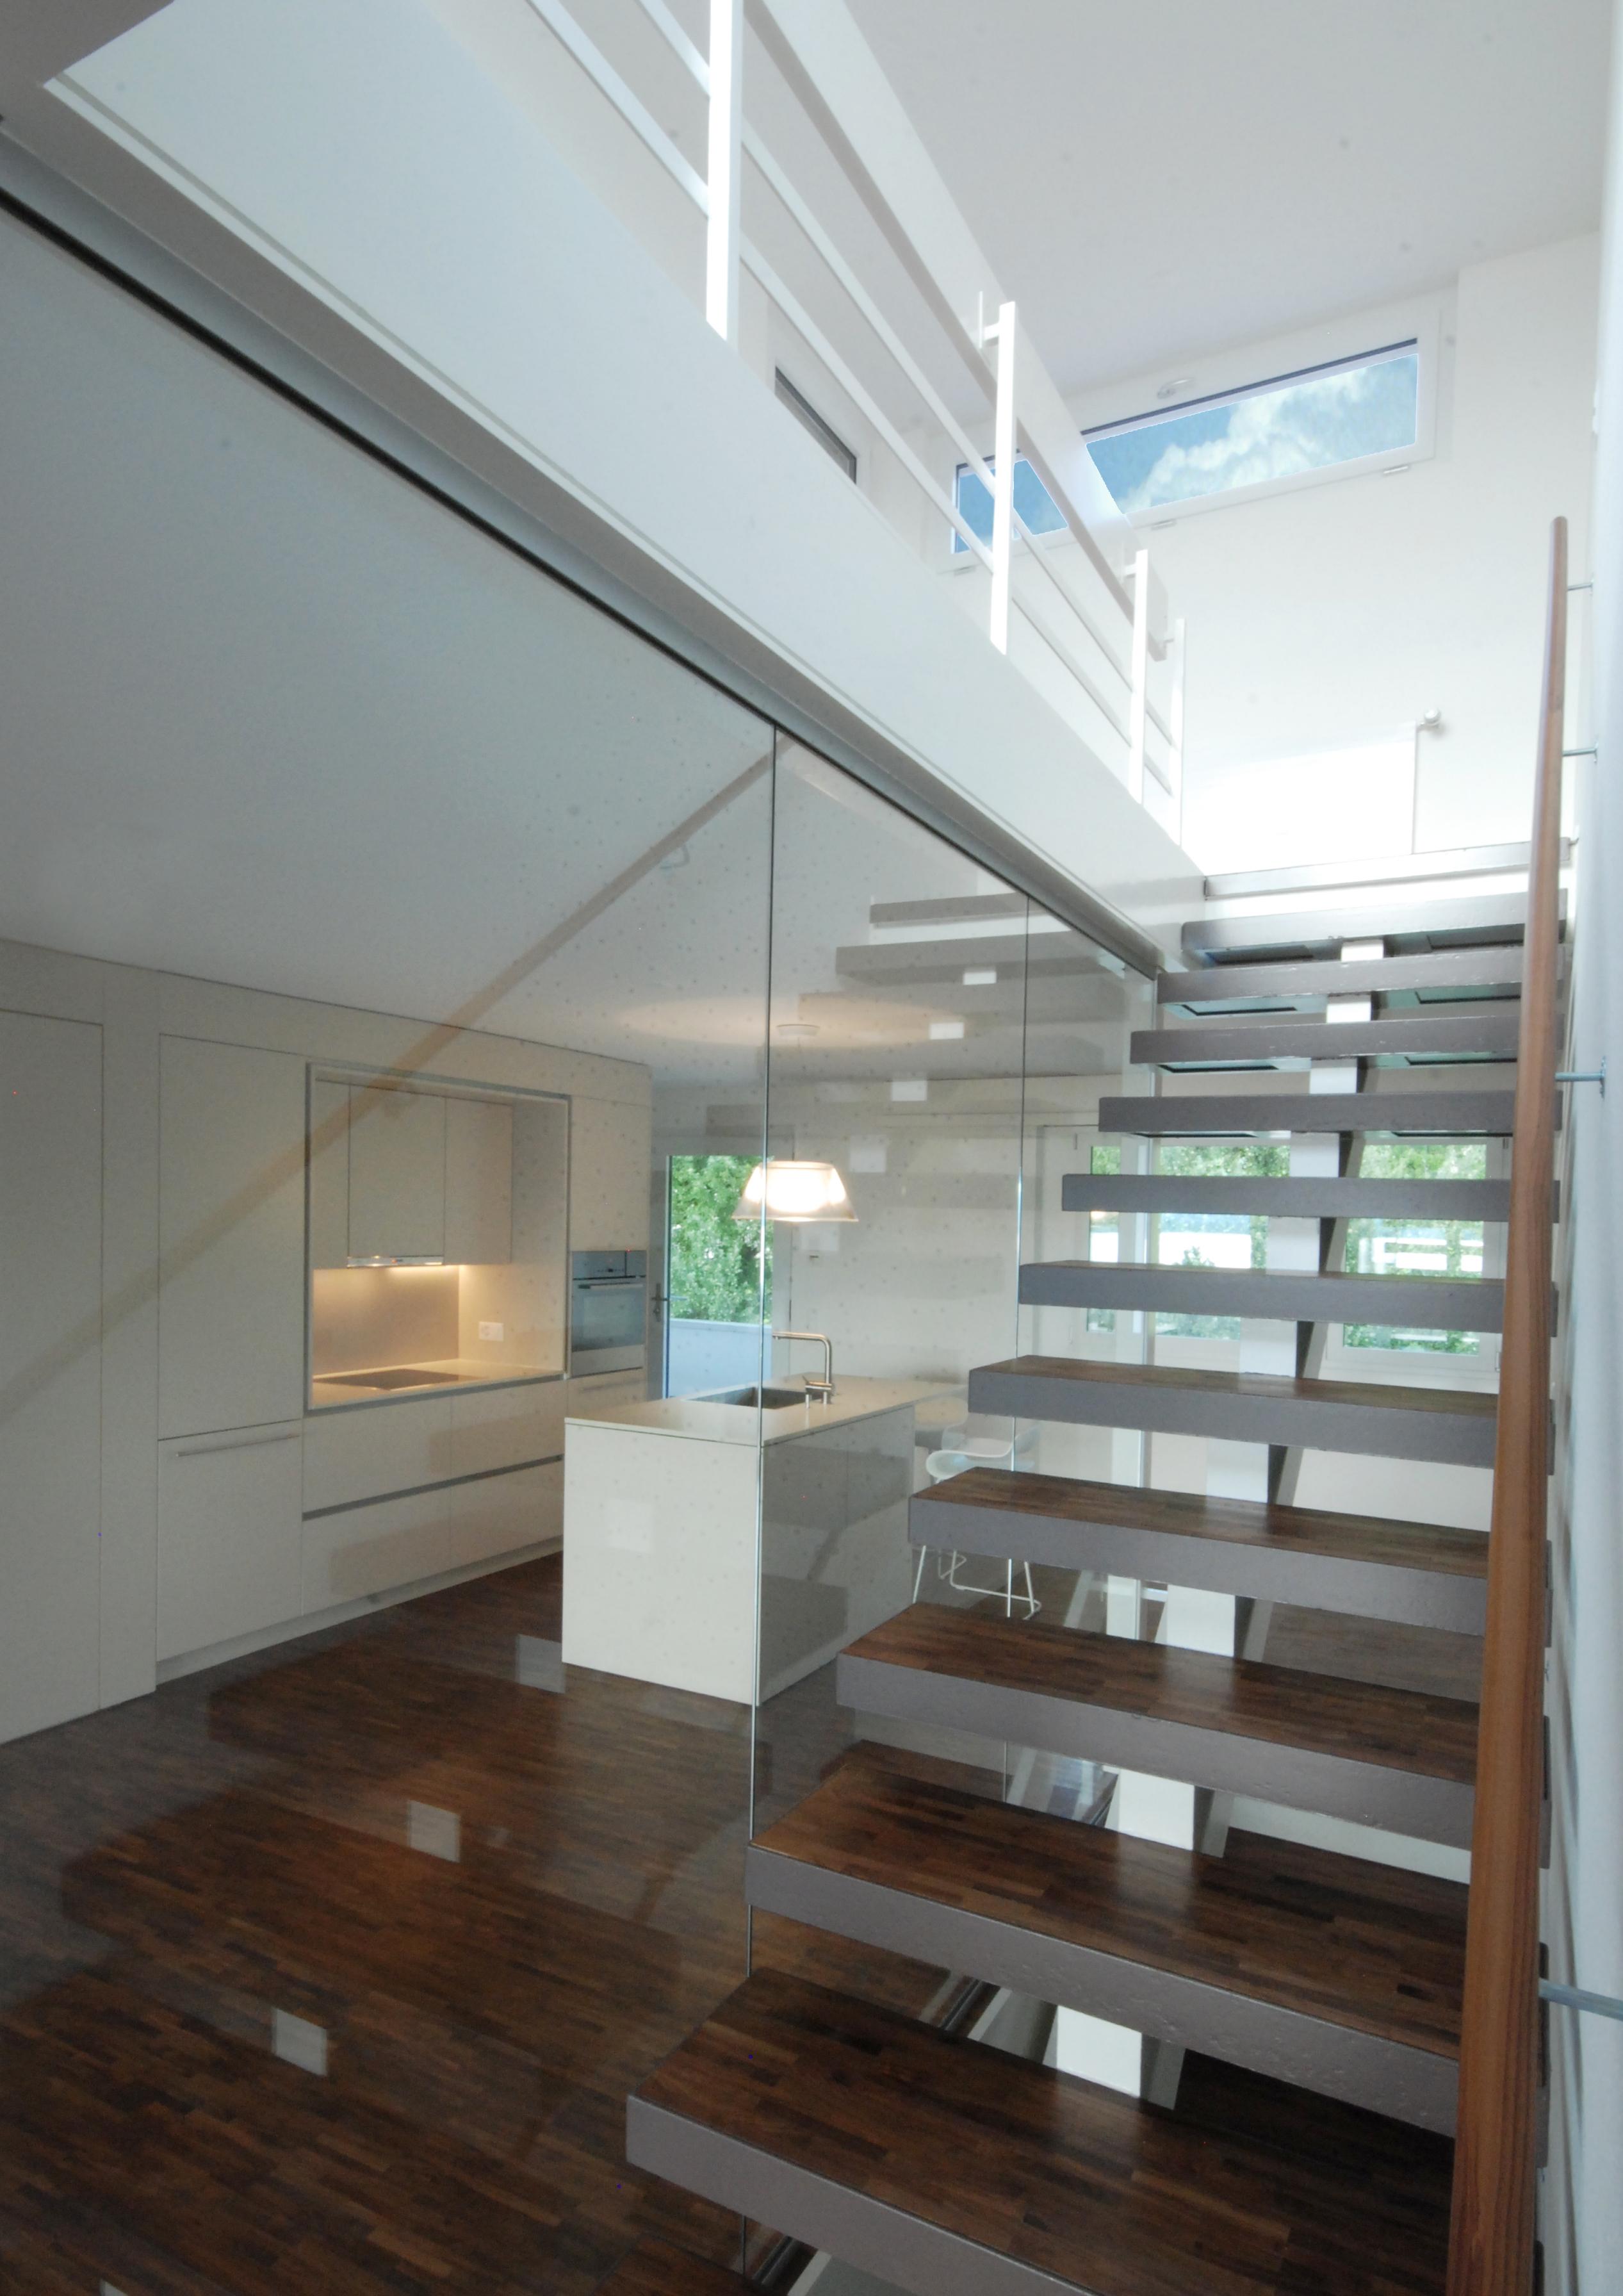 Innenarchitektur Zug maisonettewohnung oberwil bei zug innenarchitektur leitgedanke projekte bogen design